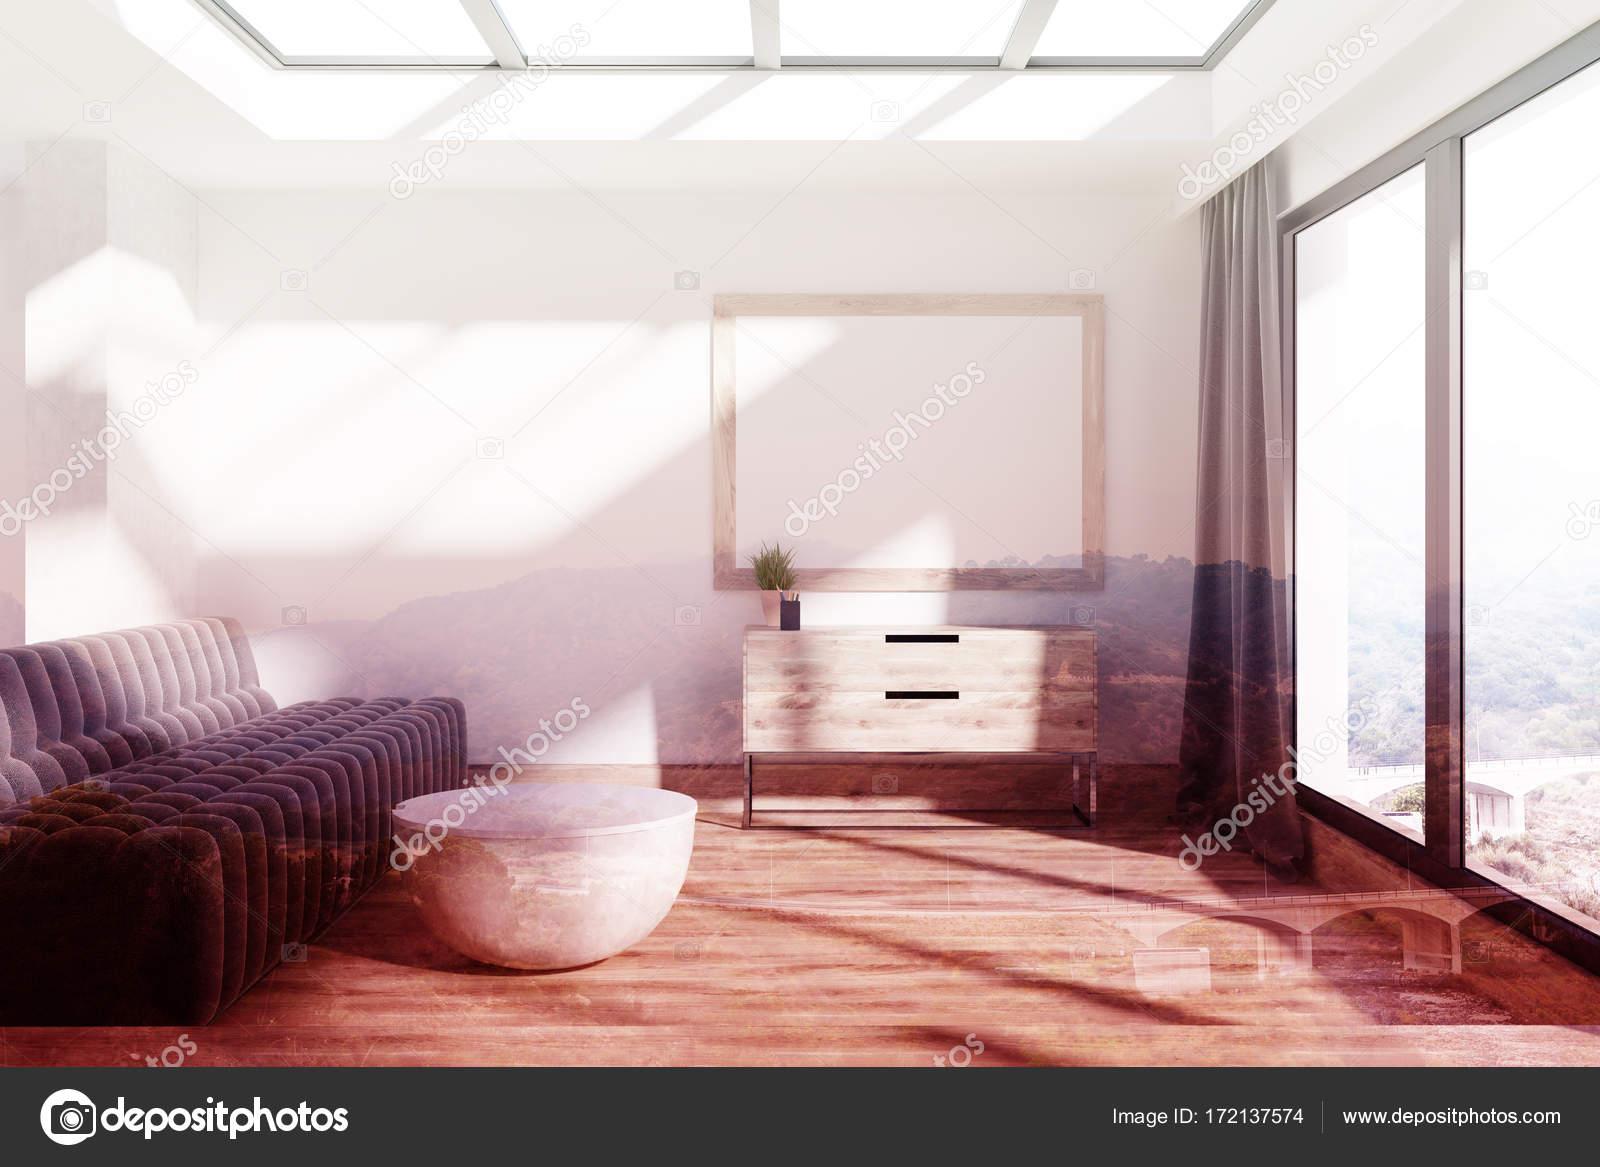 Getönten minimalistisch wohnzimmer sofa und poster u2014 stockfoto